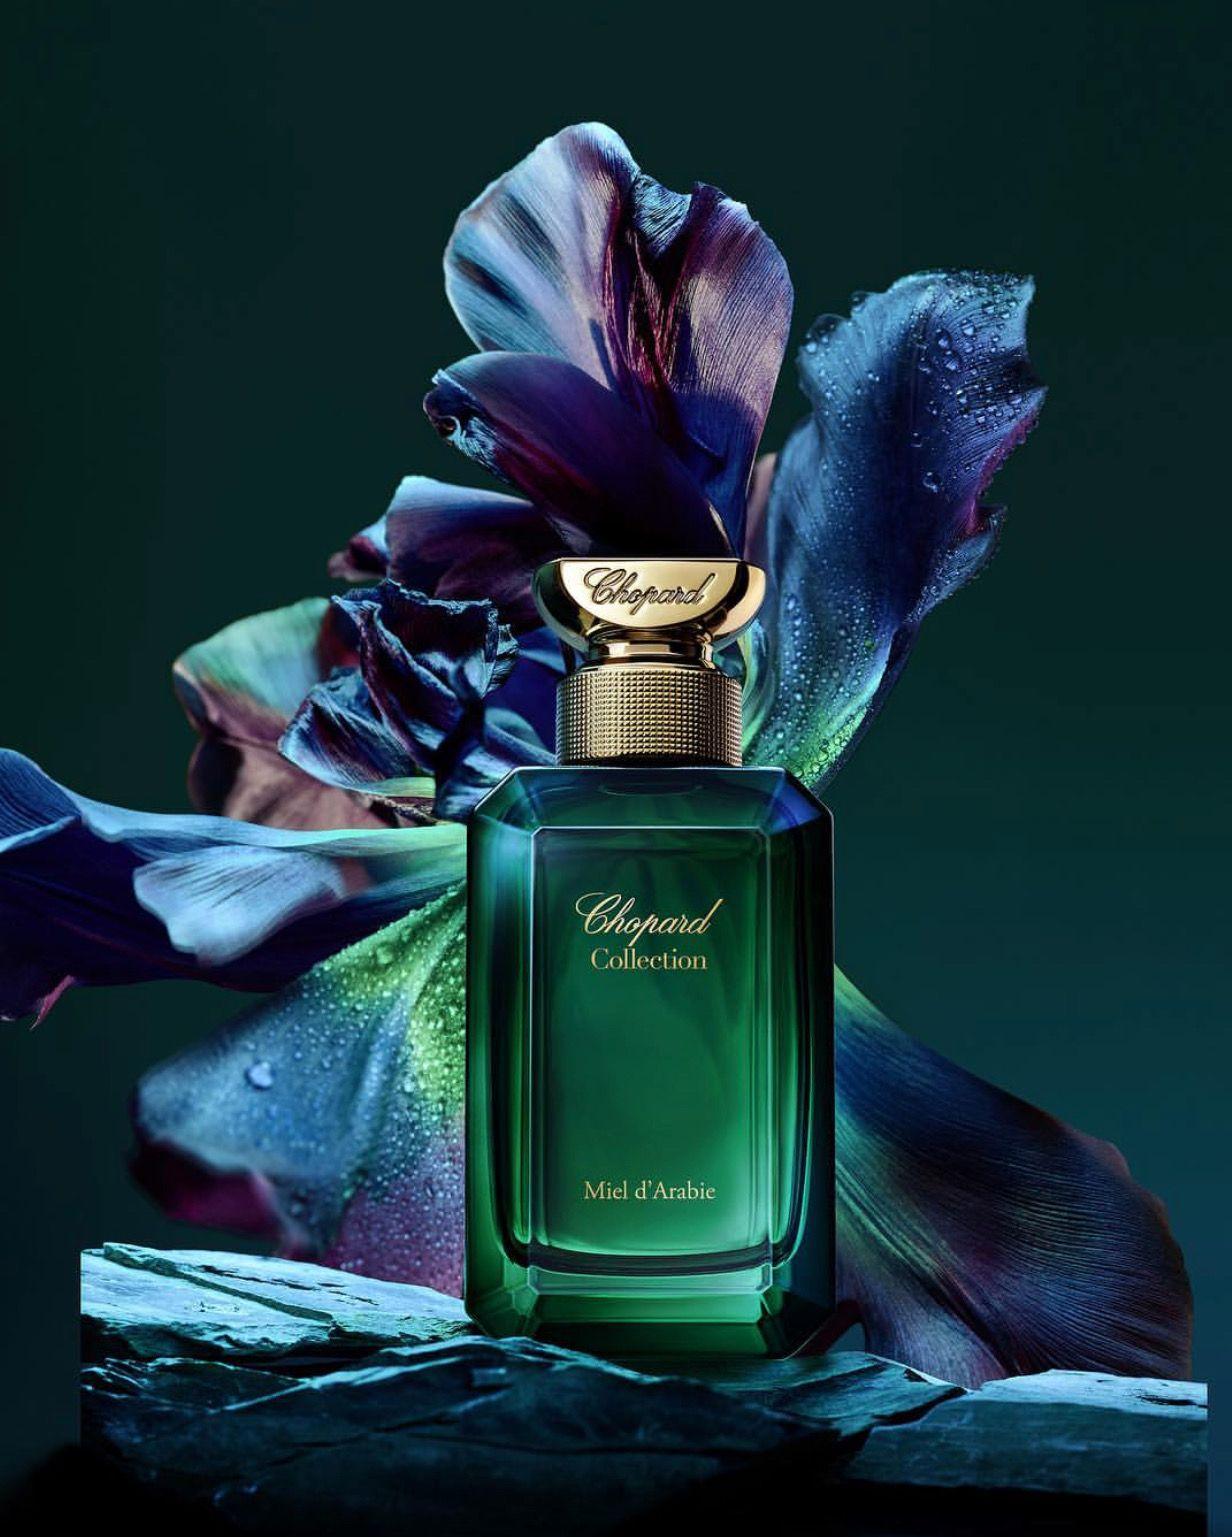 картинки парфюмерии для рекламы один